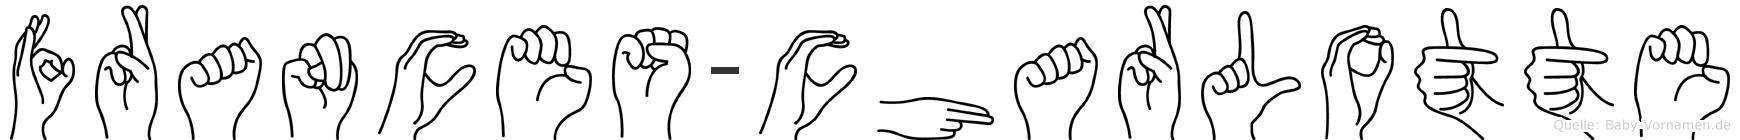 Frances-Charlotte im Fingeralphabet der Deutschen Gebärdensprache